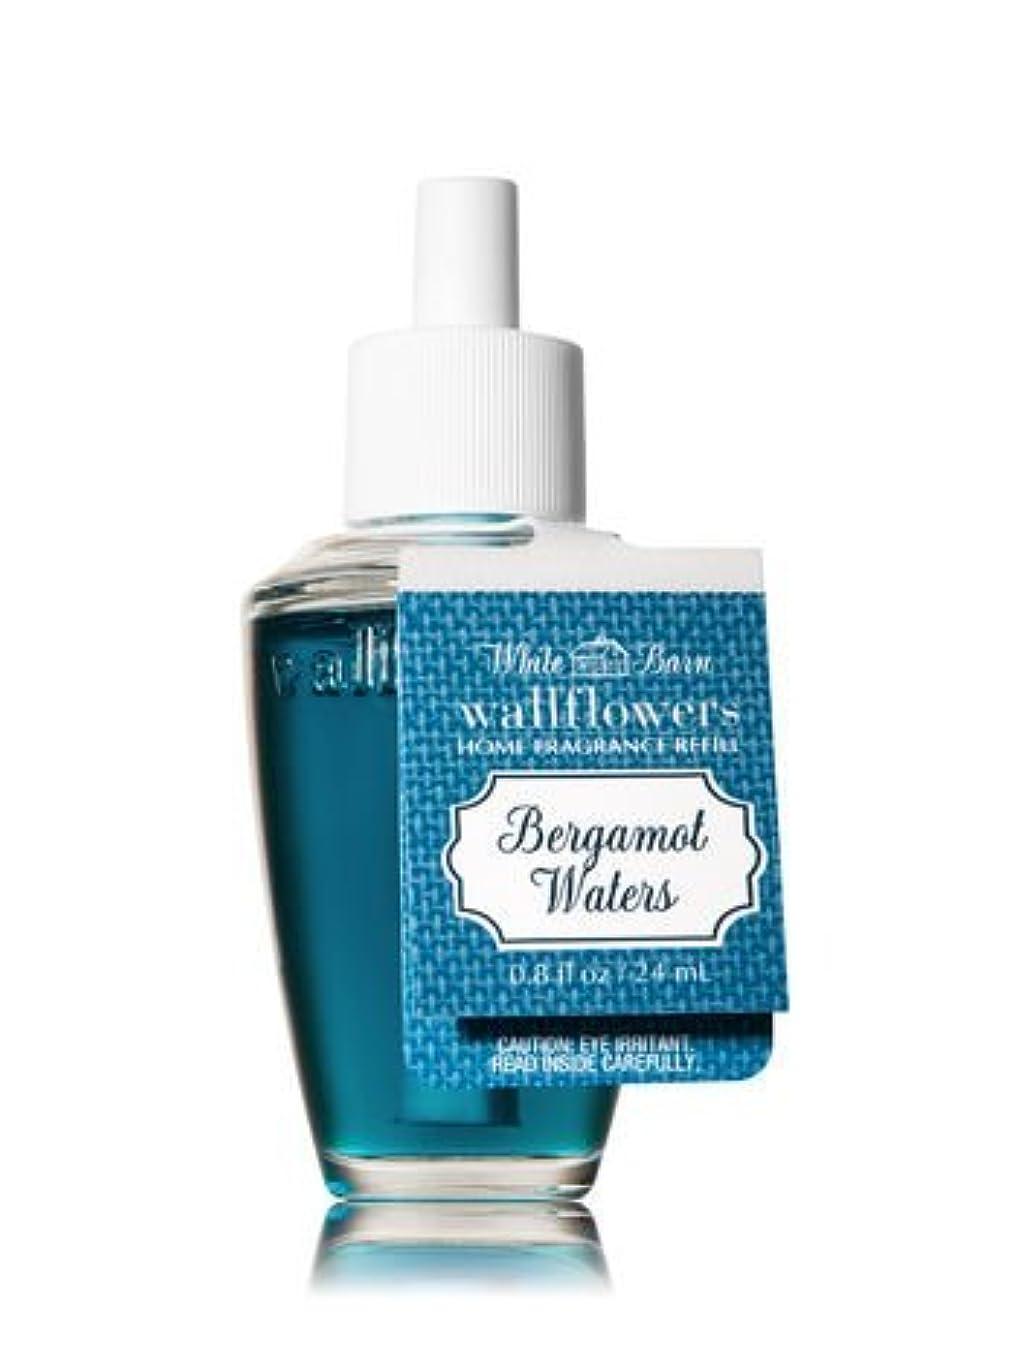 慎重ピンタール【Bath&Body Works/バス&ボディワークス】 ルームフレグランス 詰替えリフィル ベルガモットウォーター Wallflowers Home Fragrance Refill Bergamot Waters [並行輸入品]